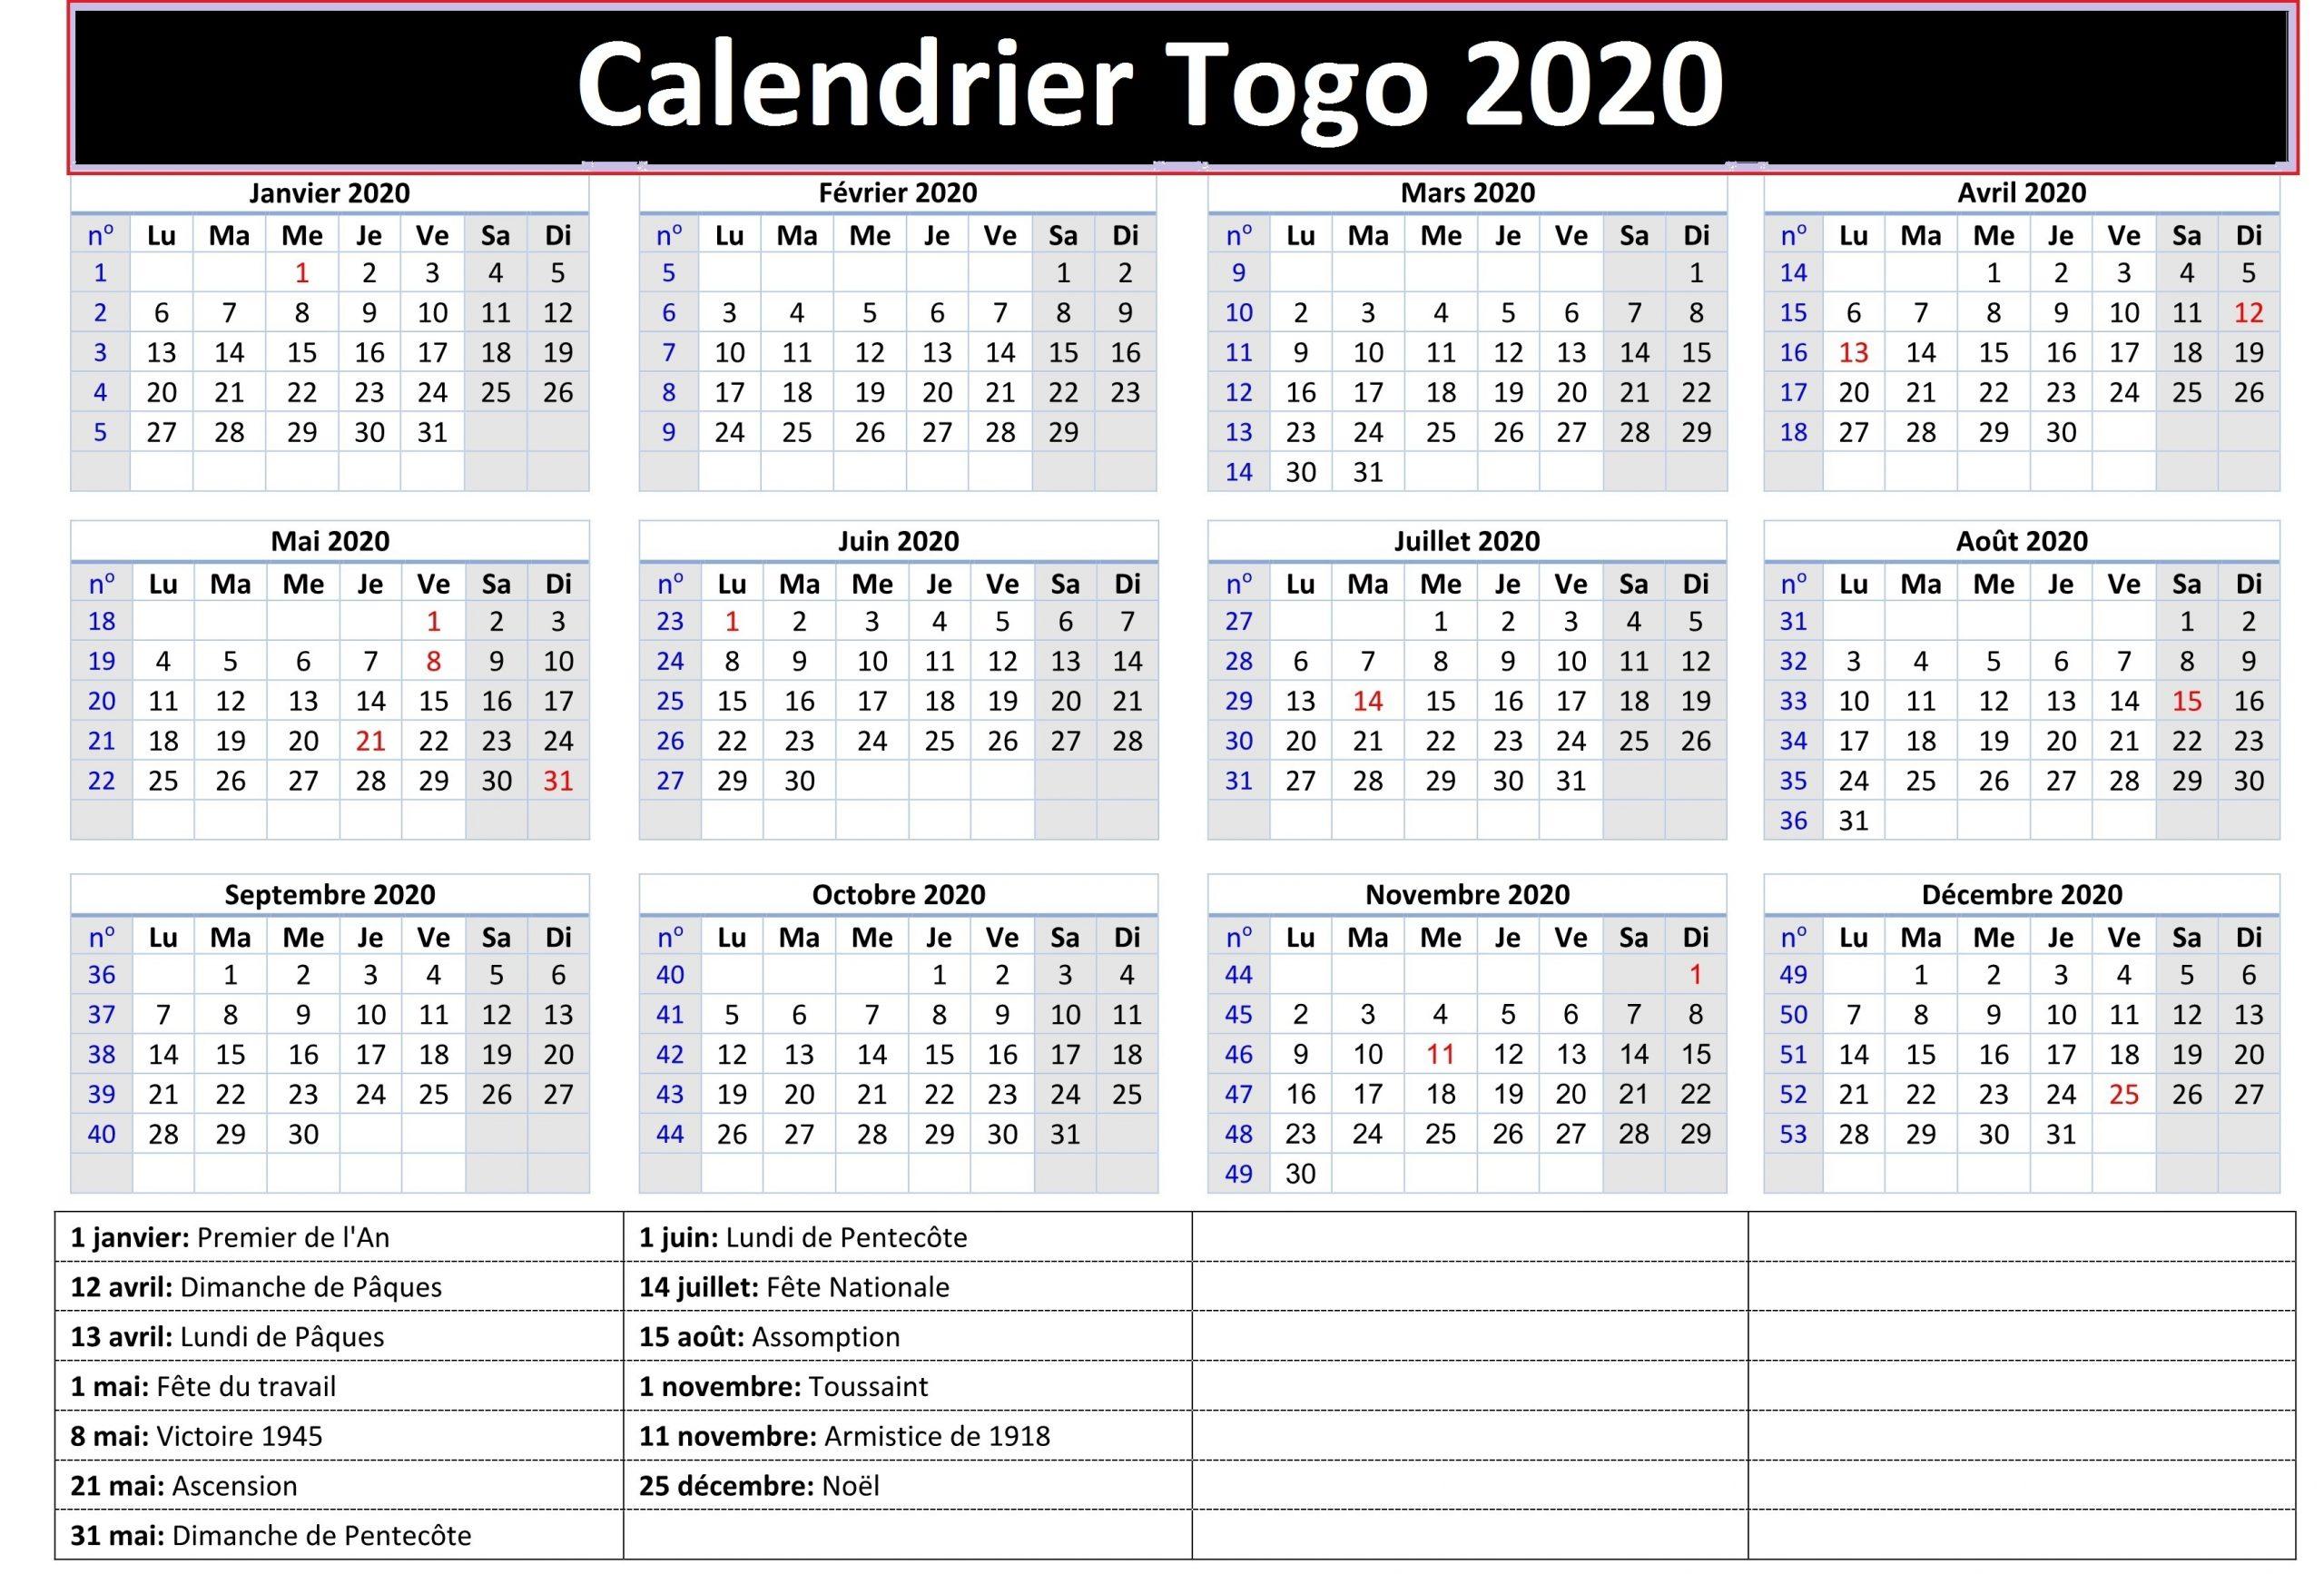 Calendrier Des Examens Au Togo 2020